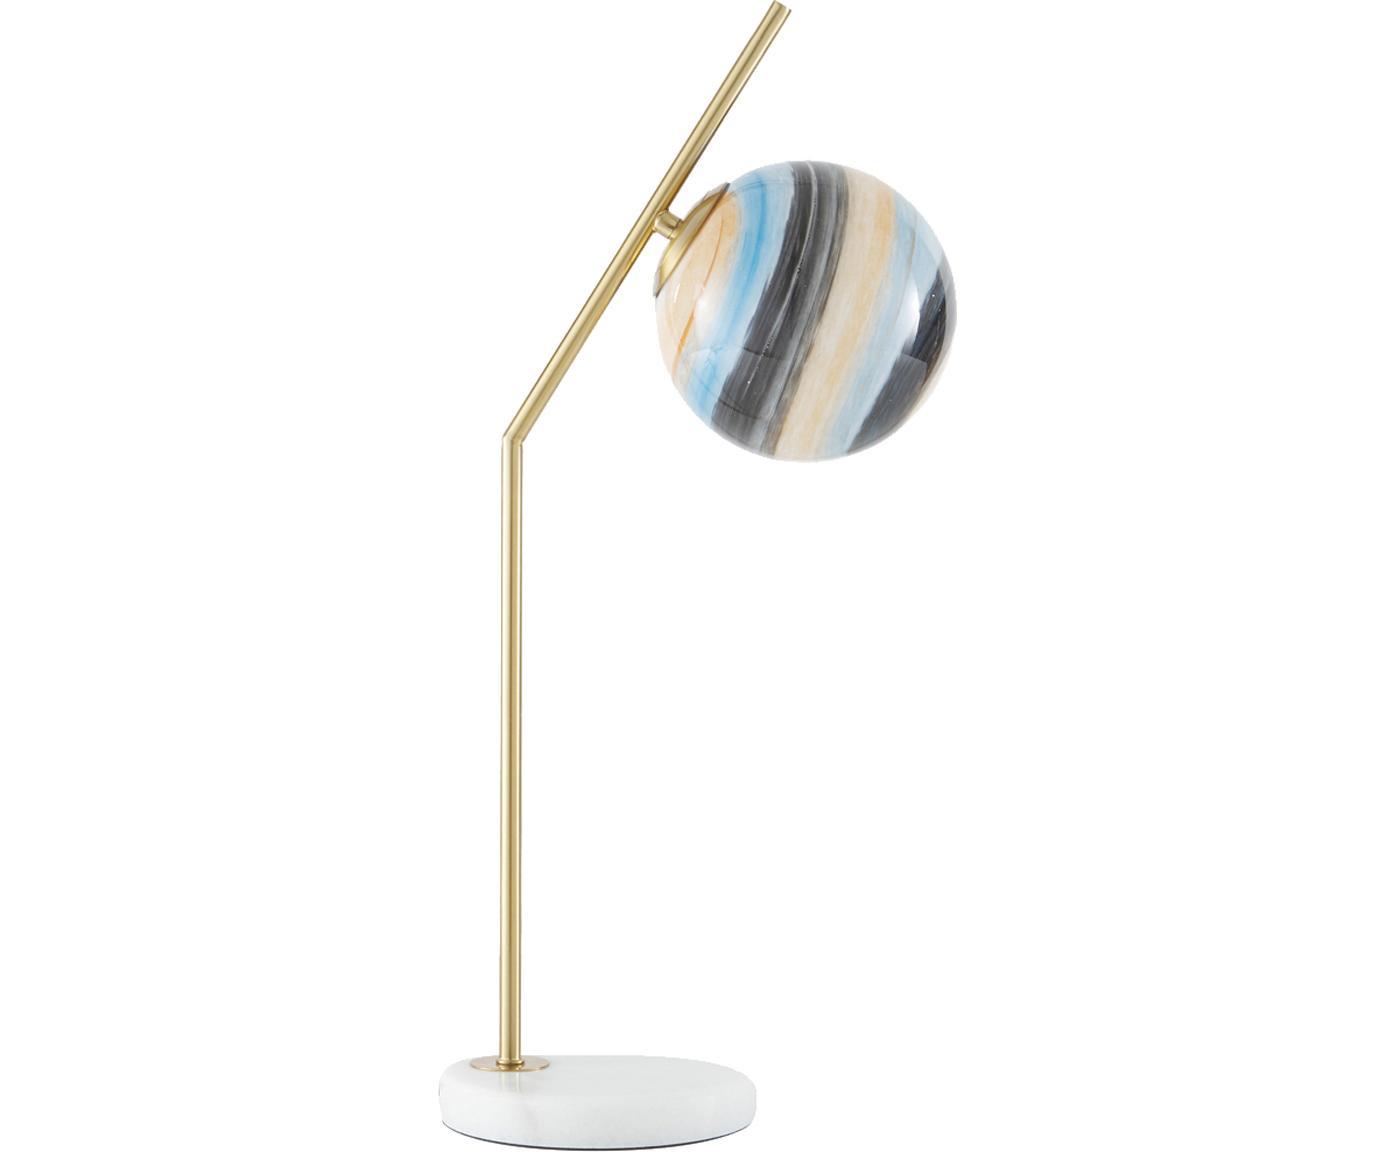 Tischleuchte Opal mit Marmorfuß, Metall, Glas, Messingfarben, Weiß, Pastellfarben, 25 x 56 cm